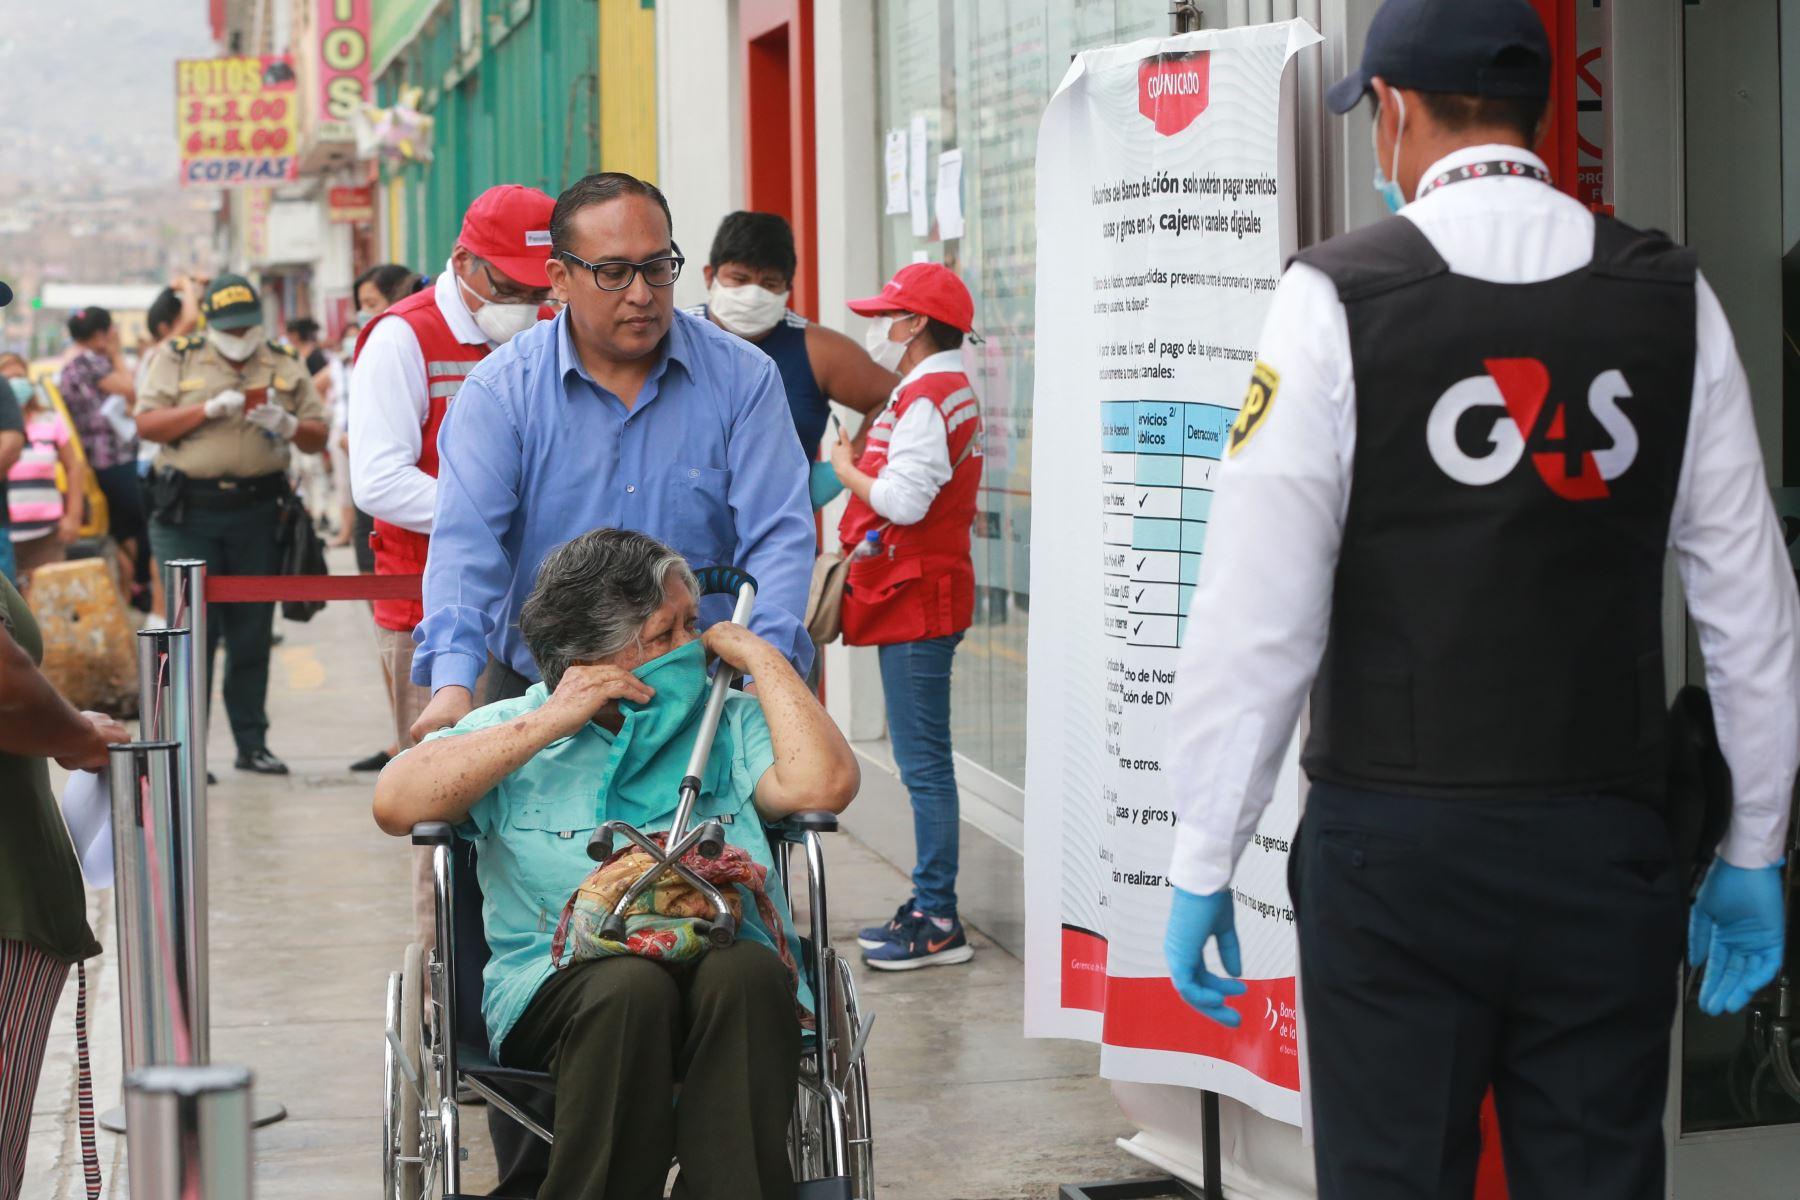 Agencias del banco de la Nación atienden a beneficiarios del bono de S/. 380.00, que el Estado brinda por la emergencia del coronavirus COVID-19.Foto: ANDINA/Jhony Laurente